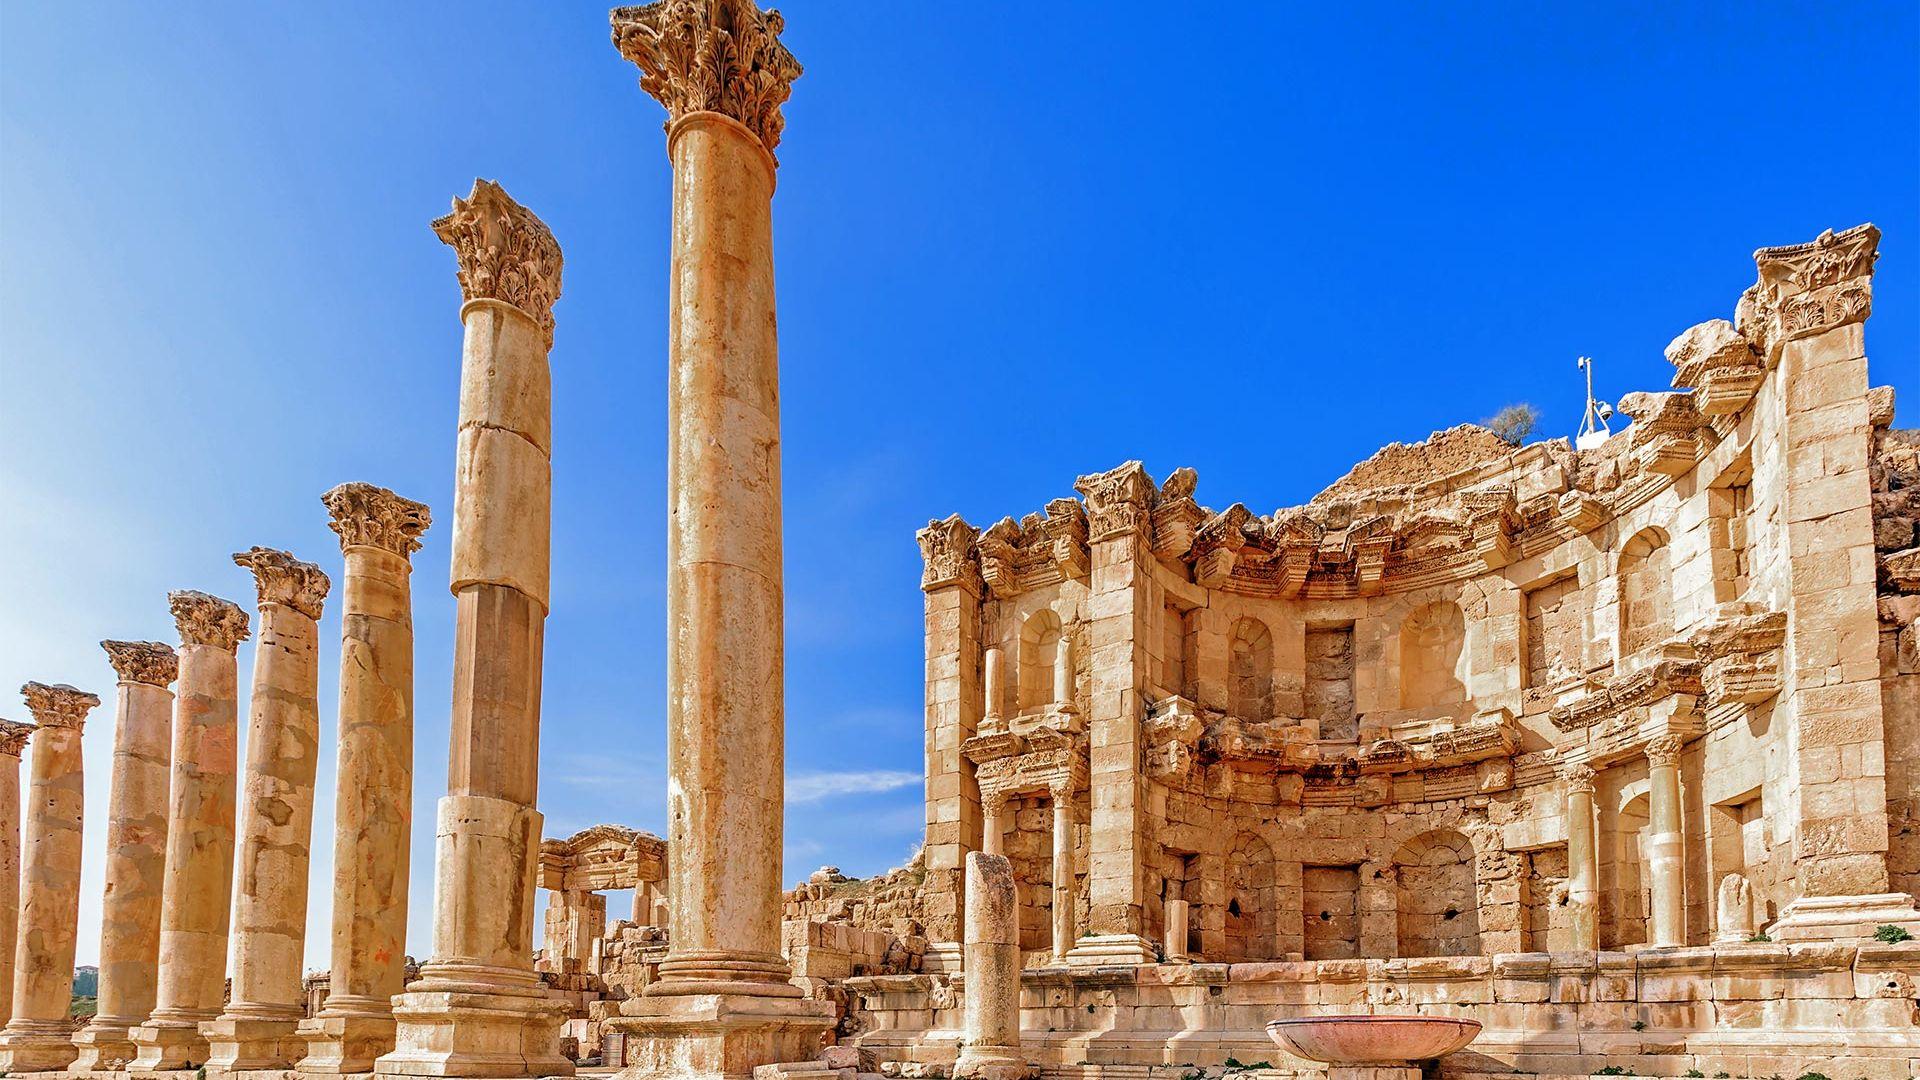 Circuit de grup - Essential Iordania, 8 zile